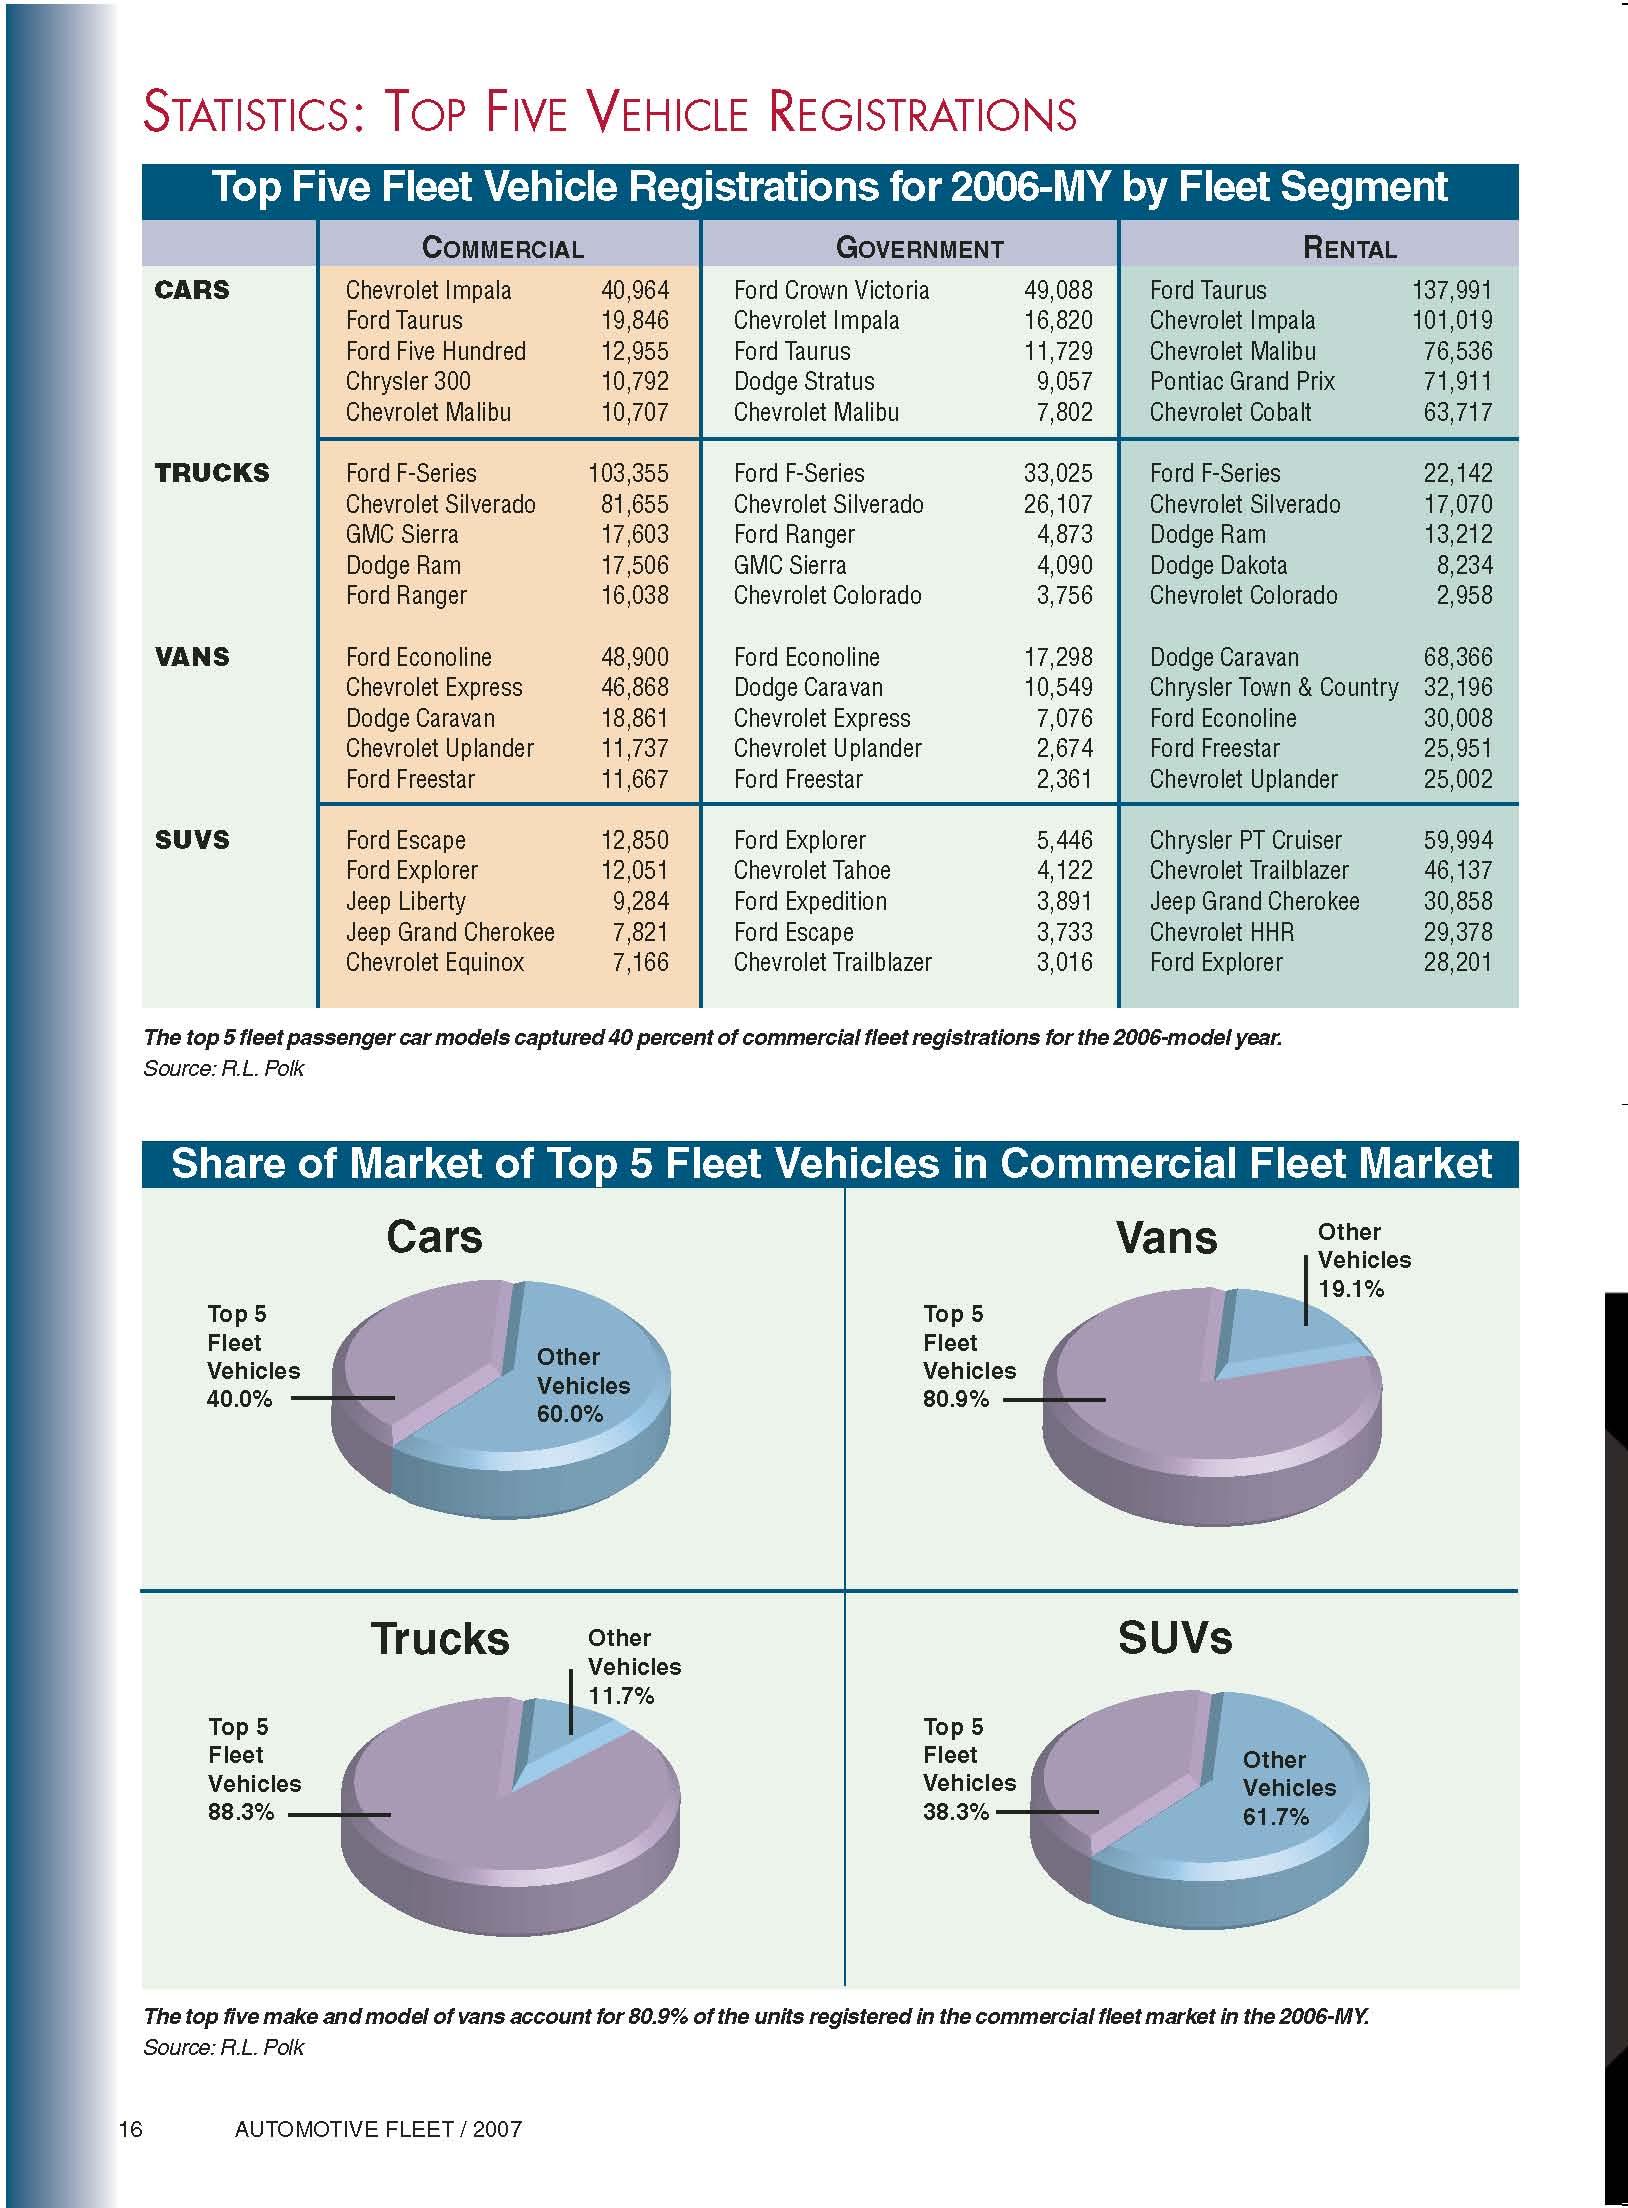 2006-MY Top 5 Fleet Vehicle Registrations